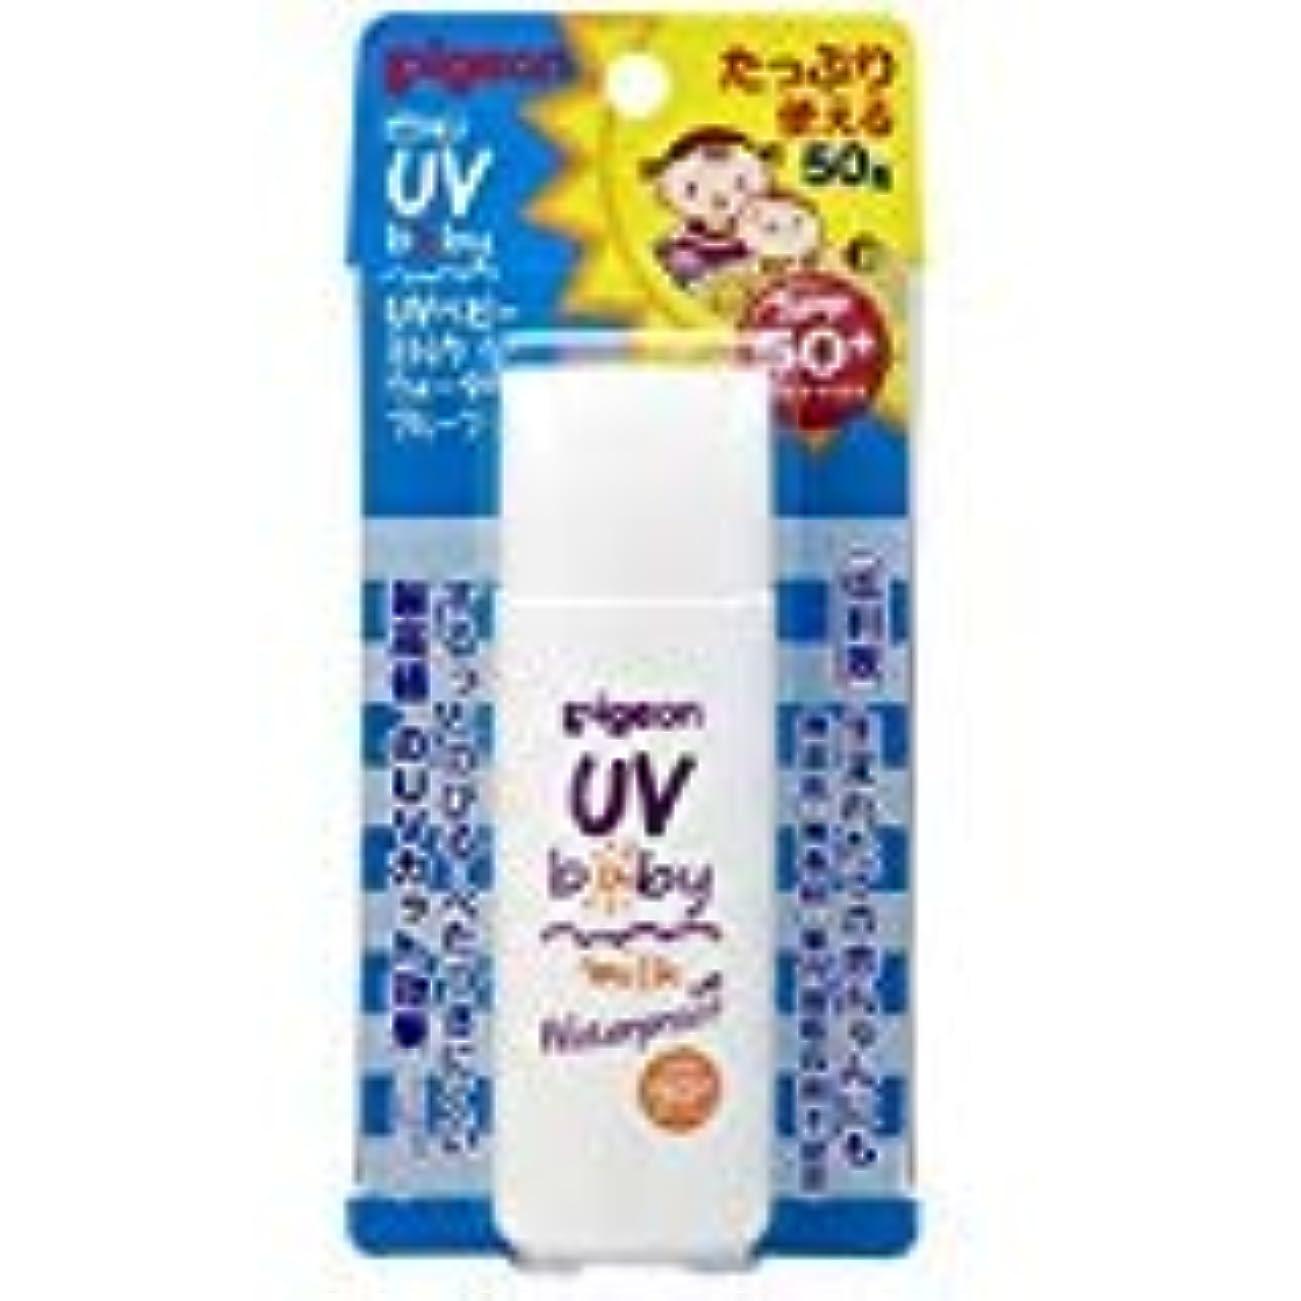 感性性差別スキームピジョン UVベビーミルク ウォータープルーフ SPF50+ 50g